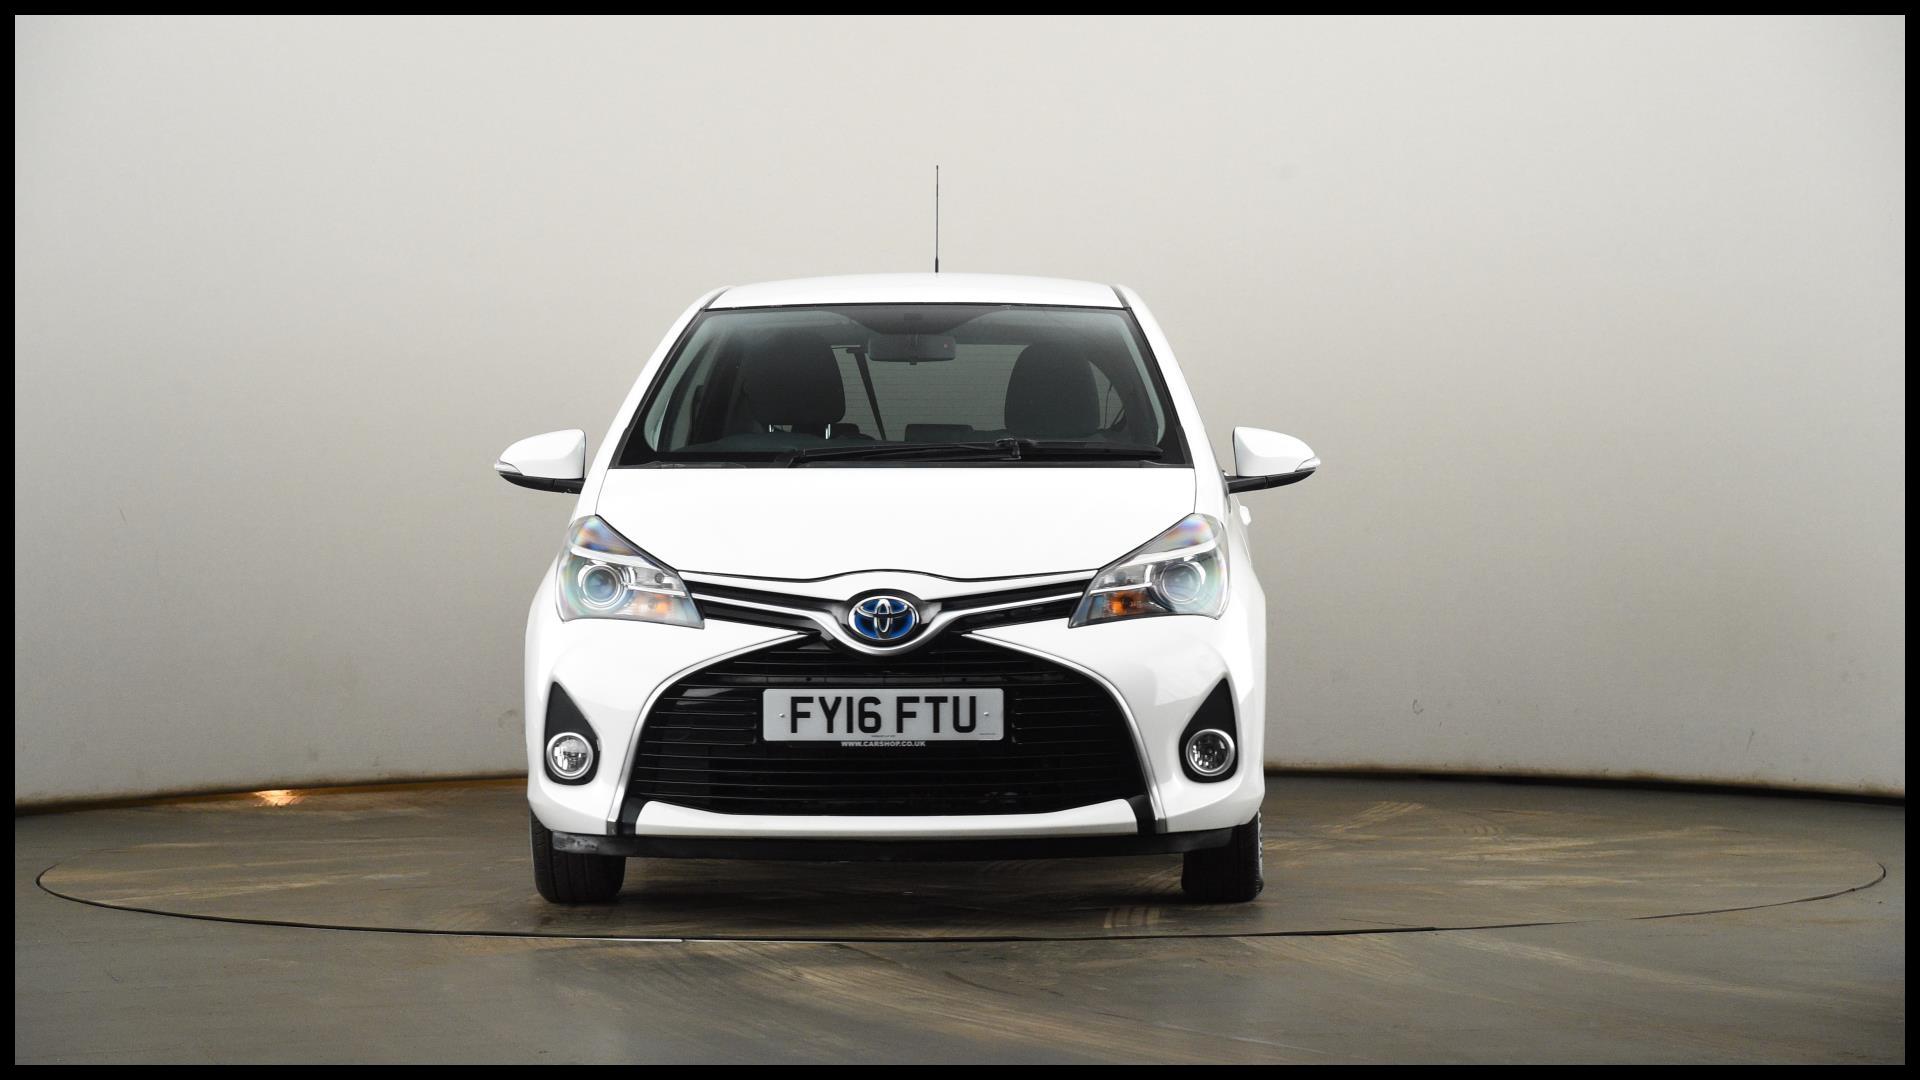 FY16FTU used TOYOTA YARIS HATCHBACK 1 5 Hybrid Icon 5dr CVT PetrolElectric Hybrid Automatic WHITE 2016 XC L 06